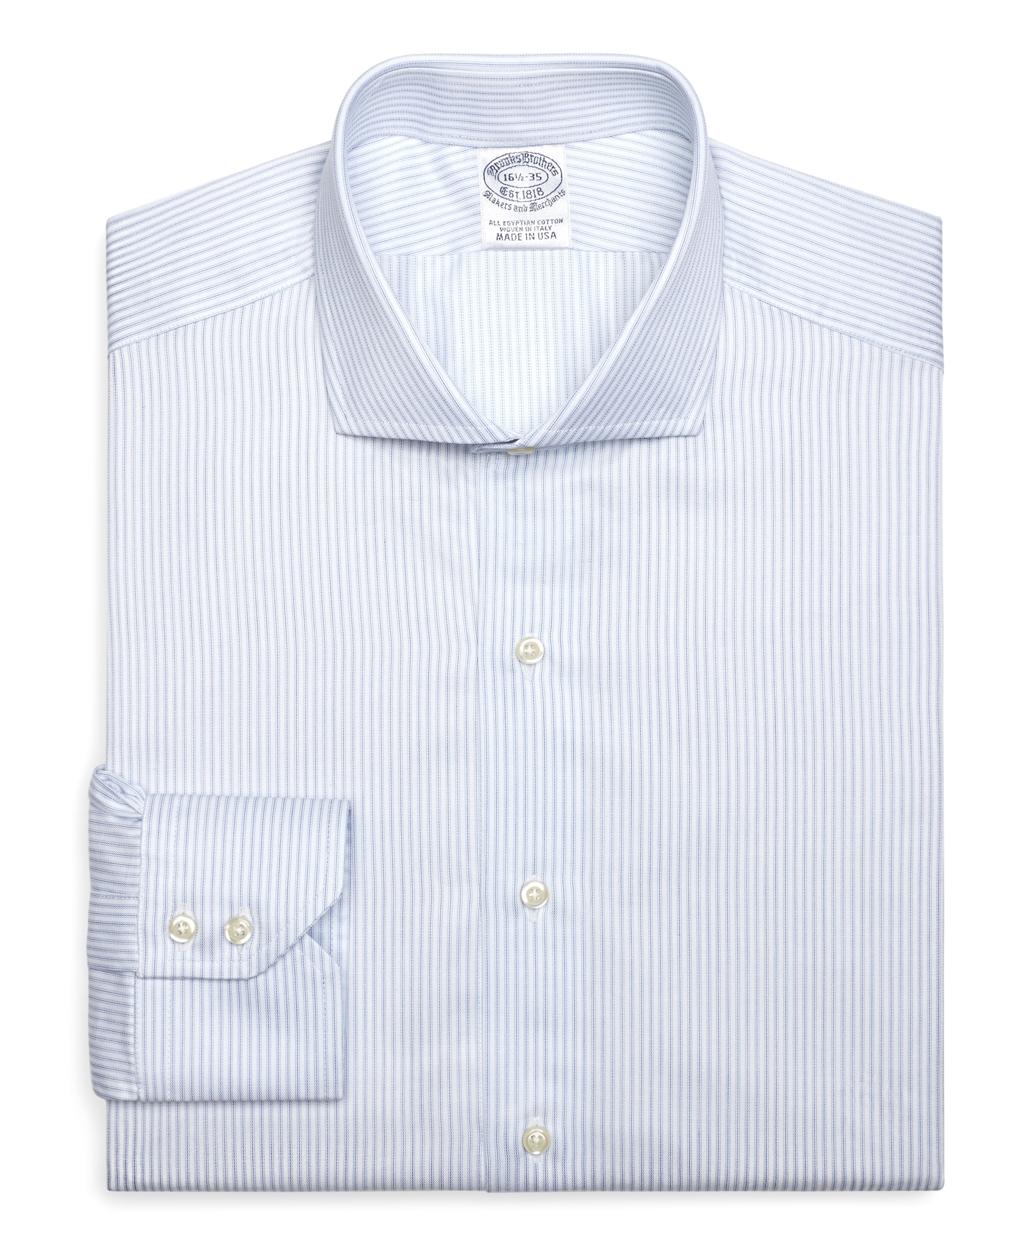 Lyst brooks brothers slim fit pencil stripe dress shirt for Brooks brothers dress shirt fit guide